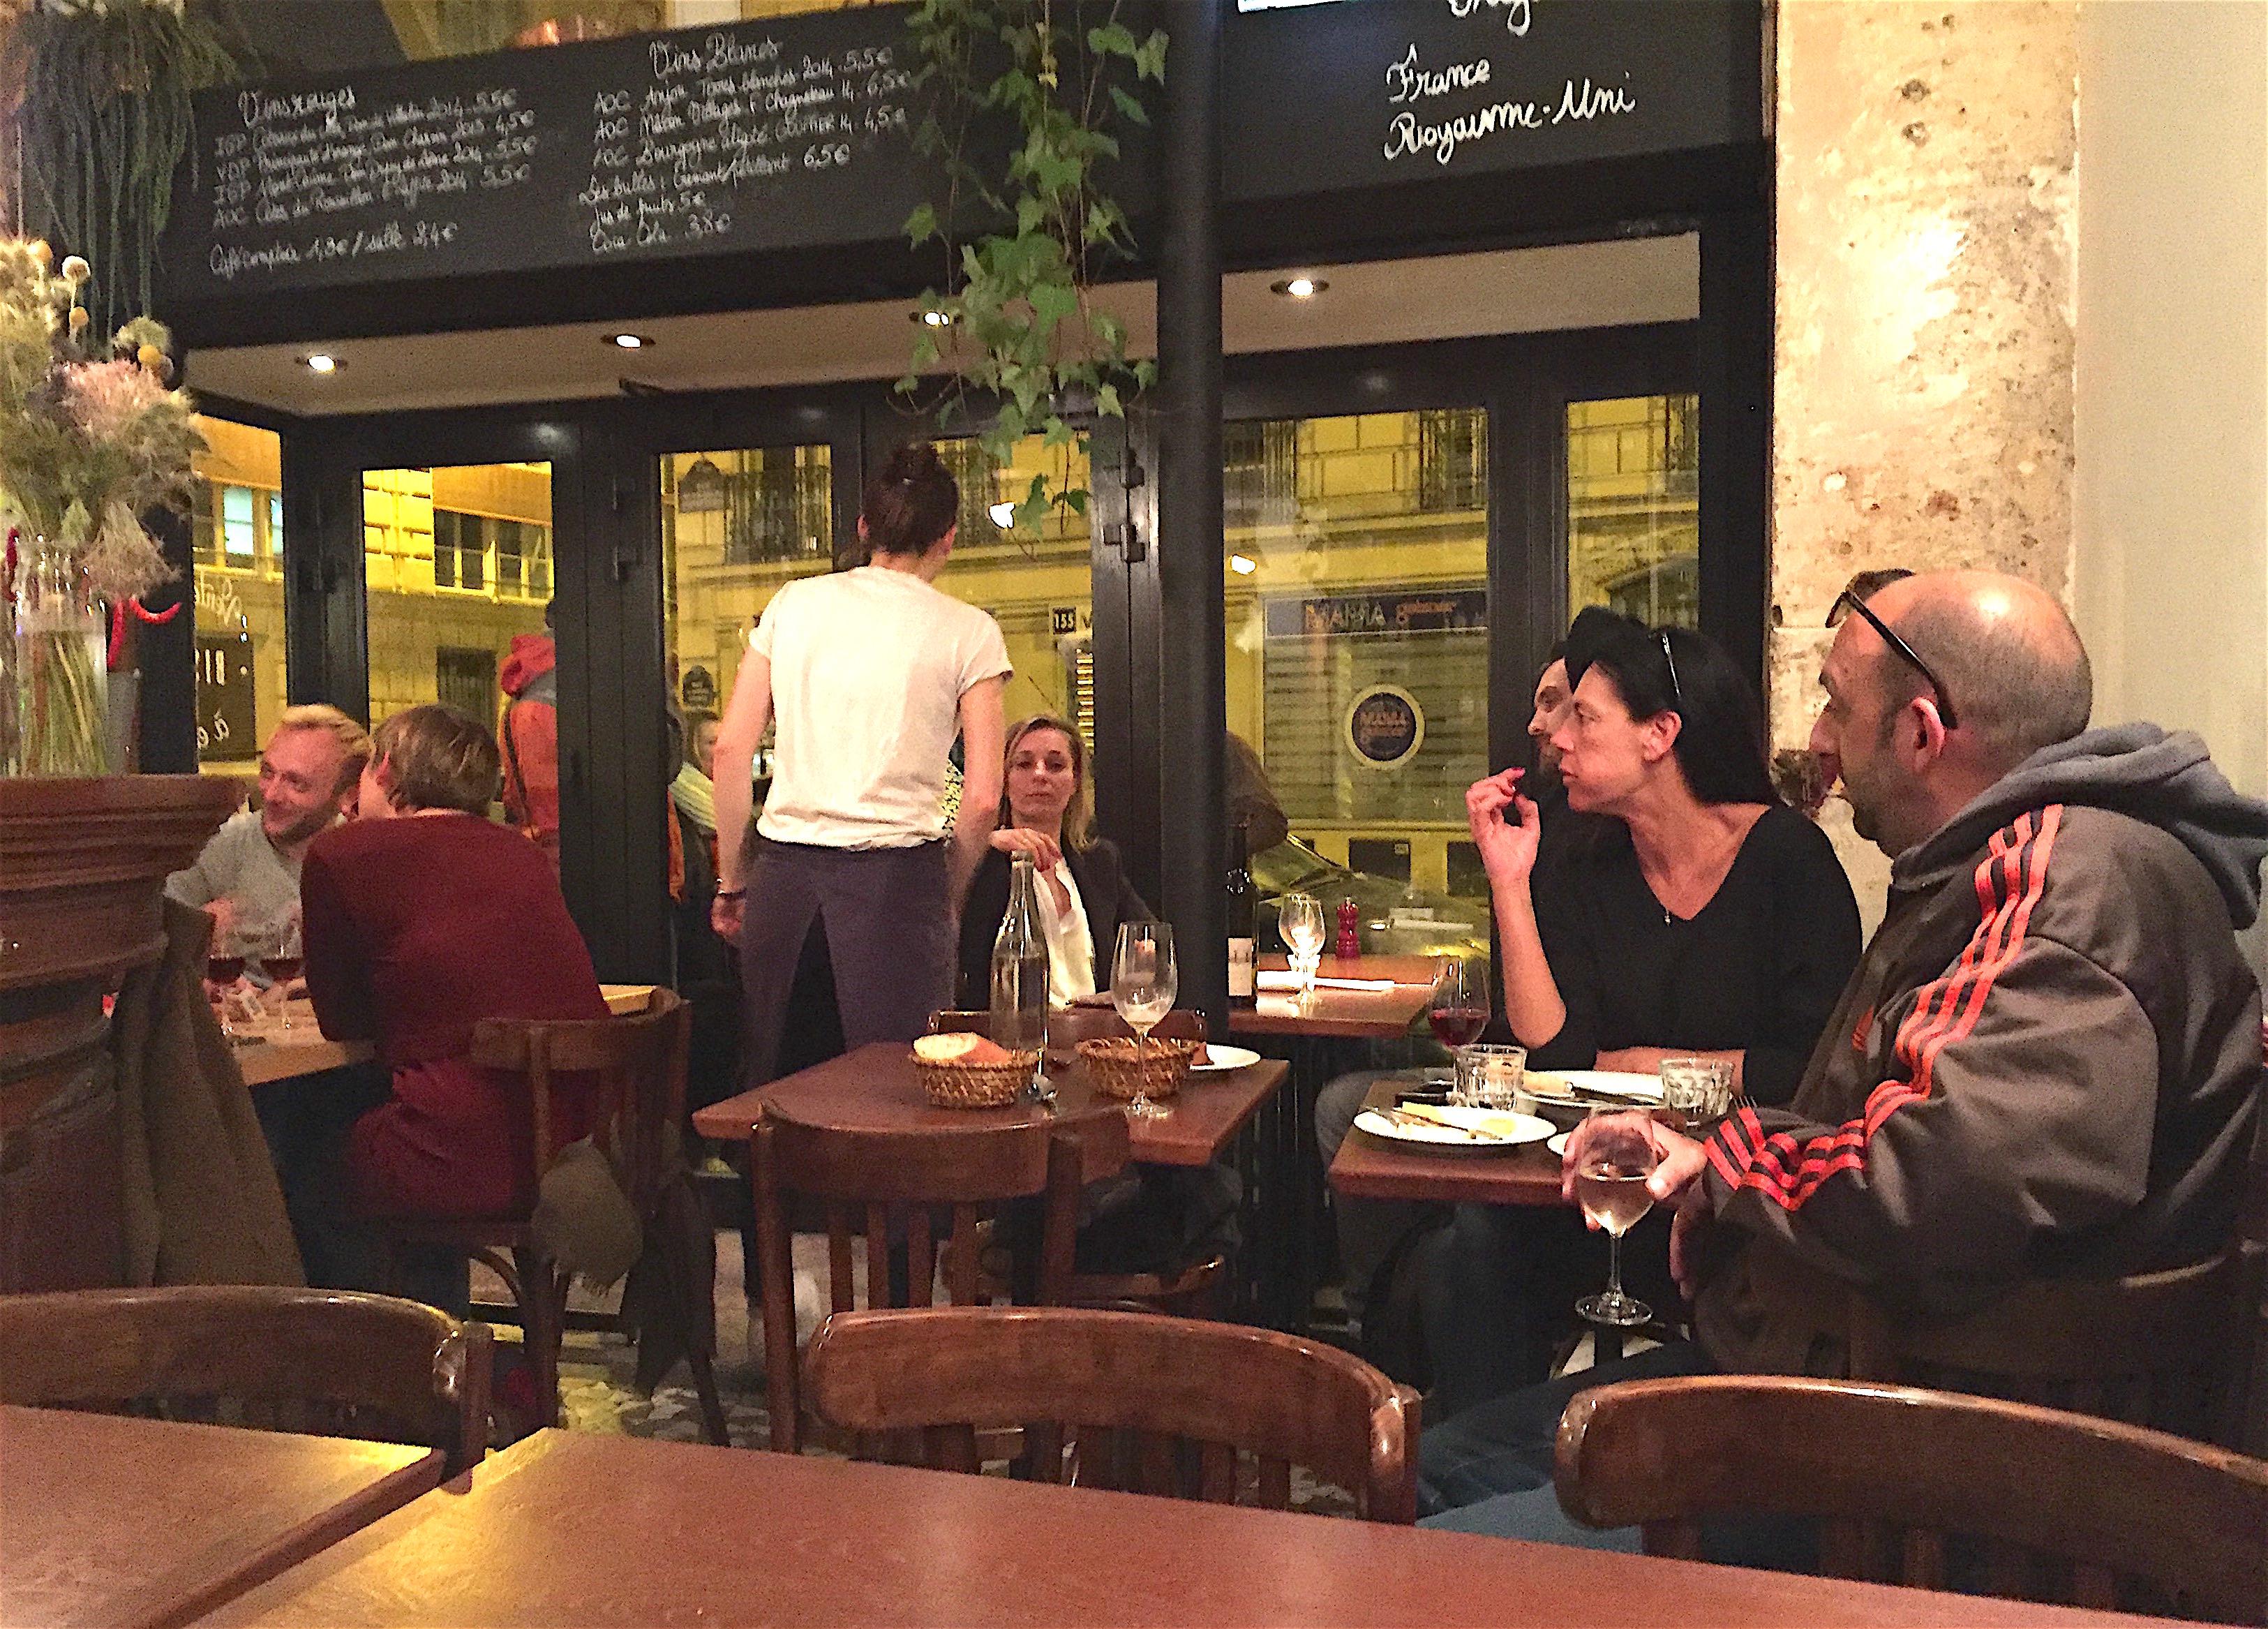 Les arlots paris a stunningly good new bistro a b alexander lobrano - Restaurant les portes paris ...